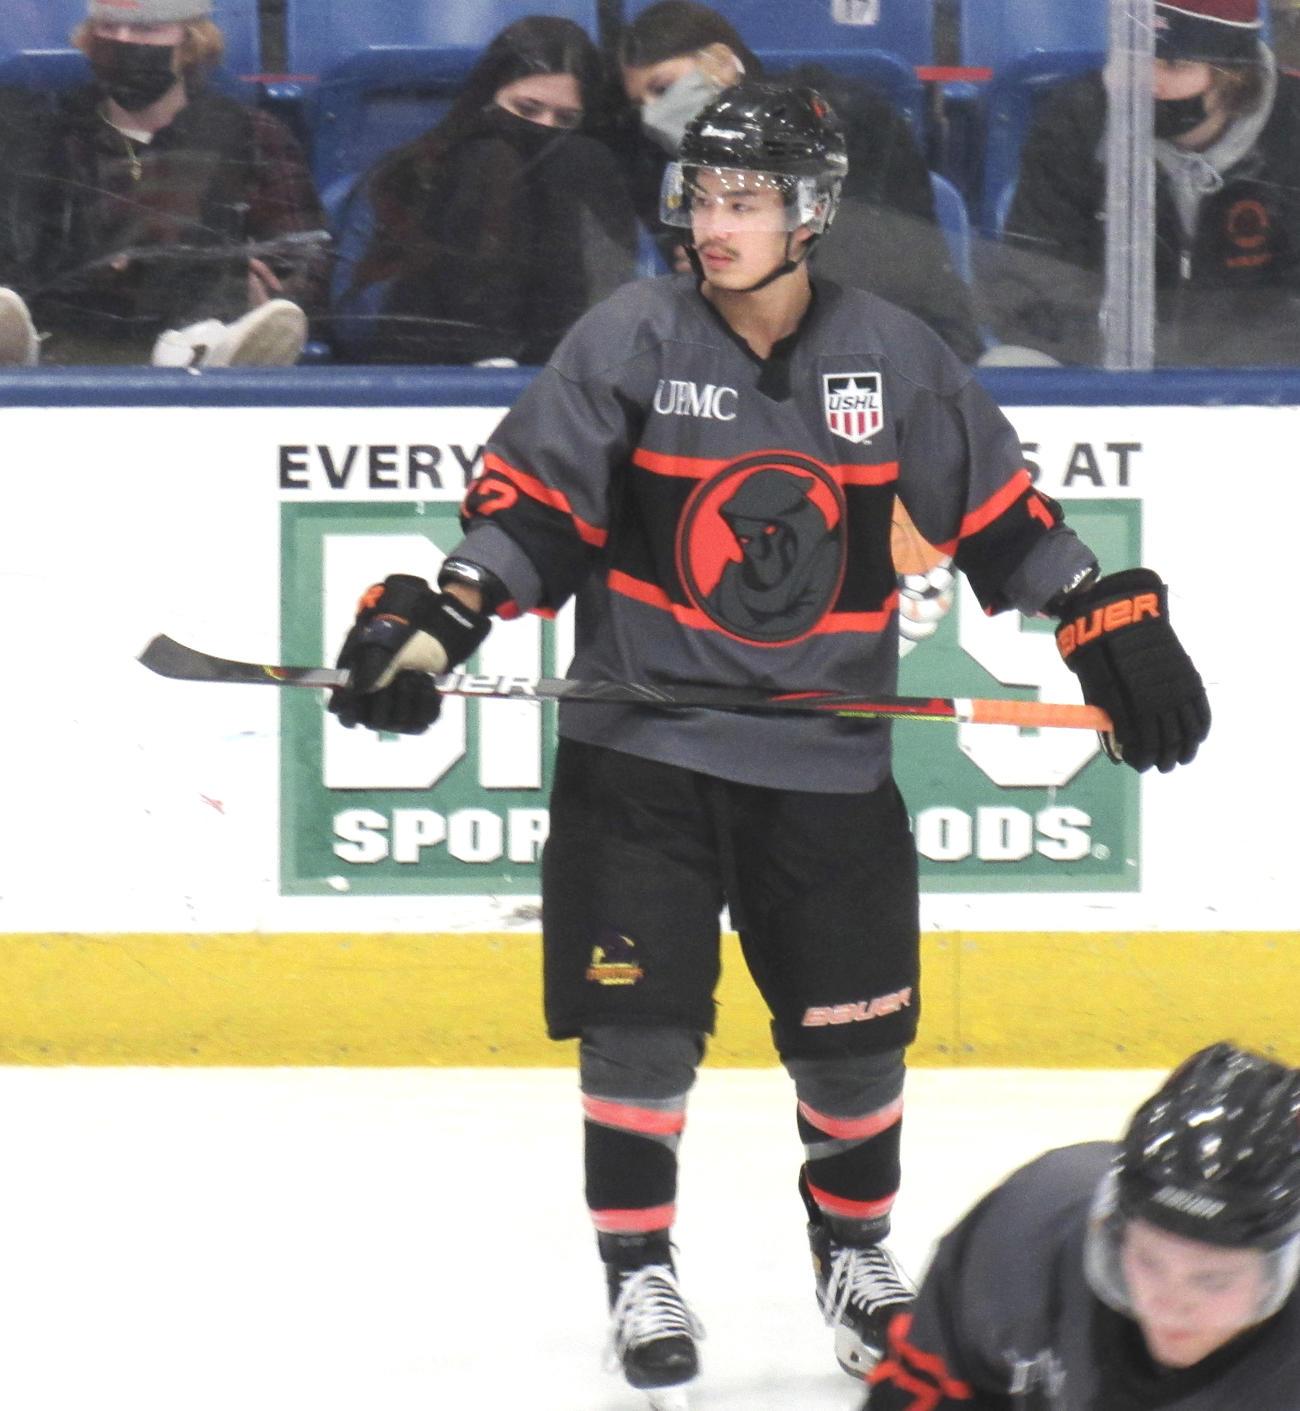 「ヤングズタウン・ファントムズ」でプレーし、NHLのドラフト上位指名を目指す安藤優作(共同)